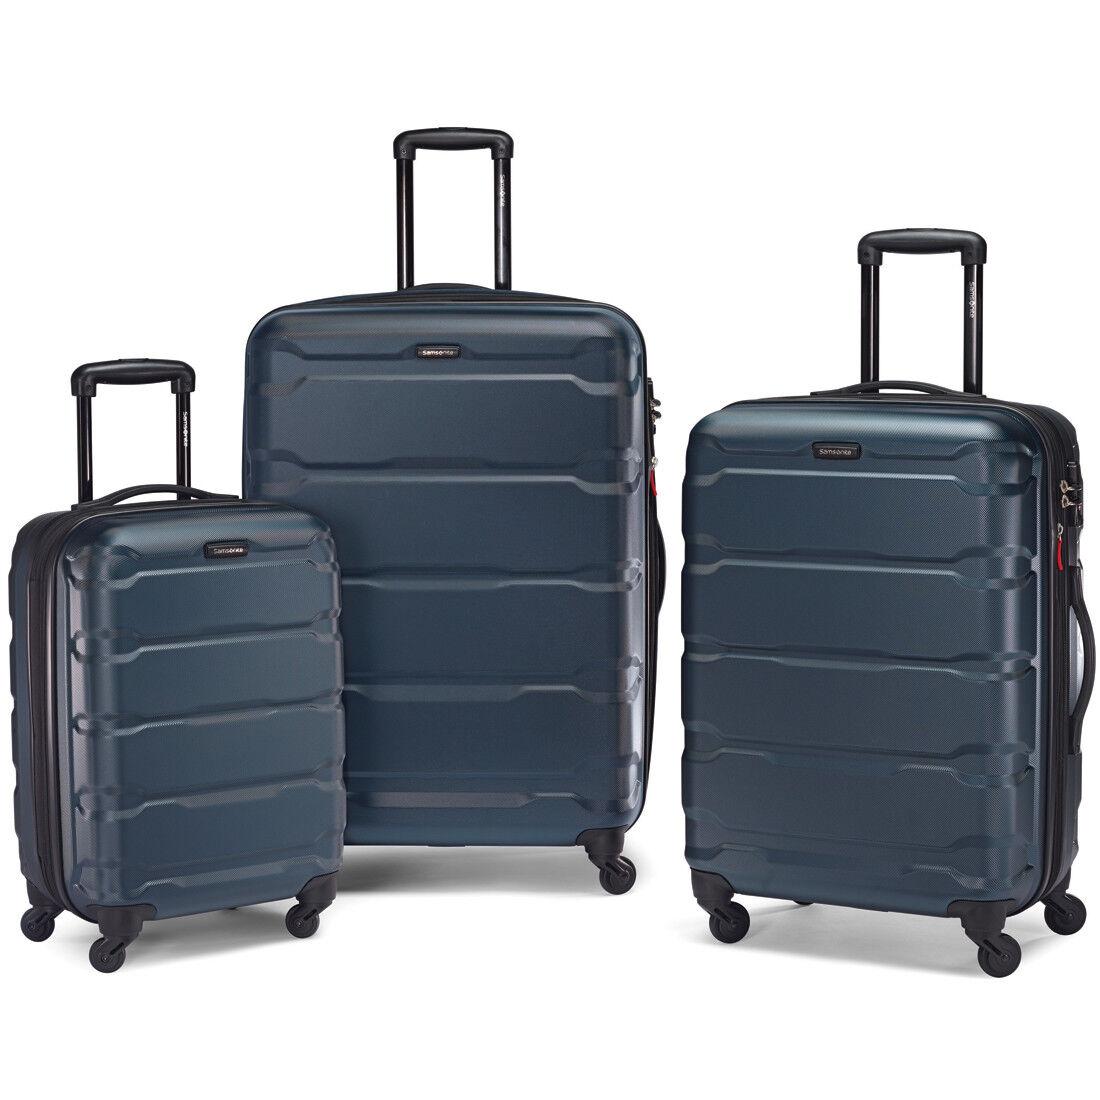 Samsonite Omni Hardside 3 Piece Nested Spinner Luggage Set (20, 24, & 28 Inch) Teal